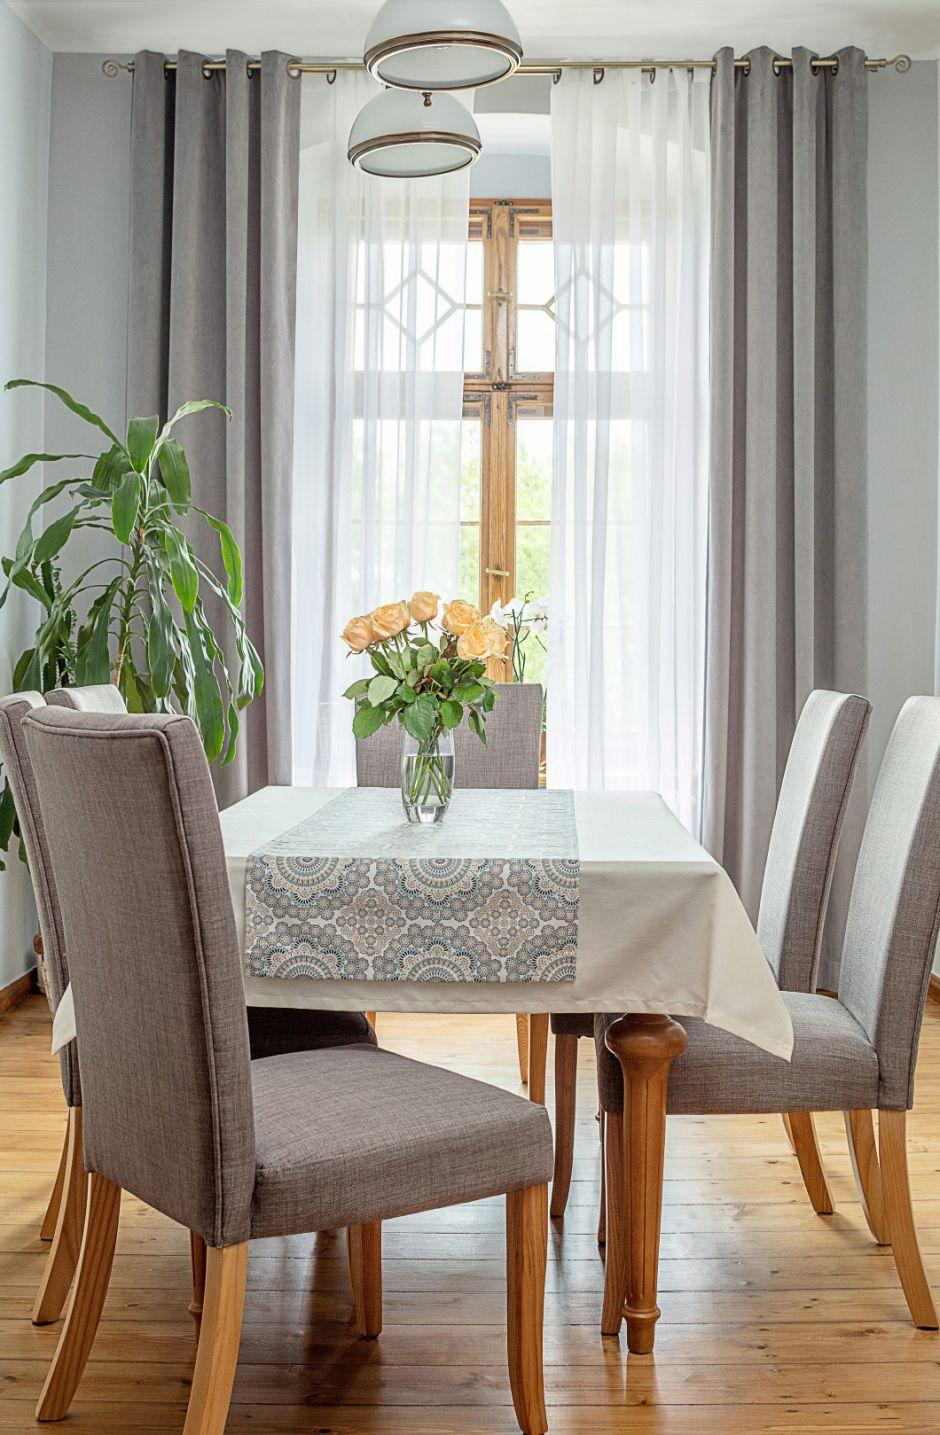 Kuchyňa a jedáleň - inšpirácie pre Vás ❤️ - Obrázok č. 1